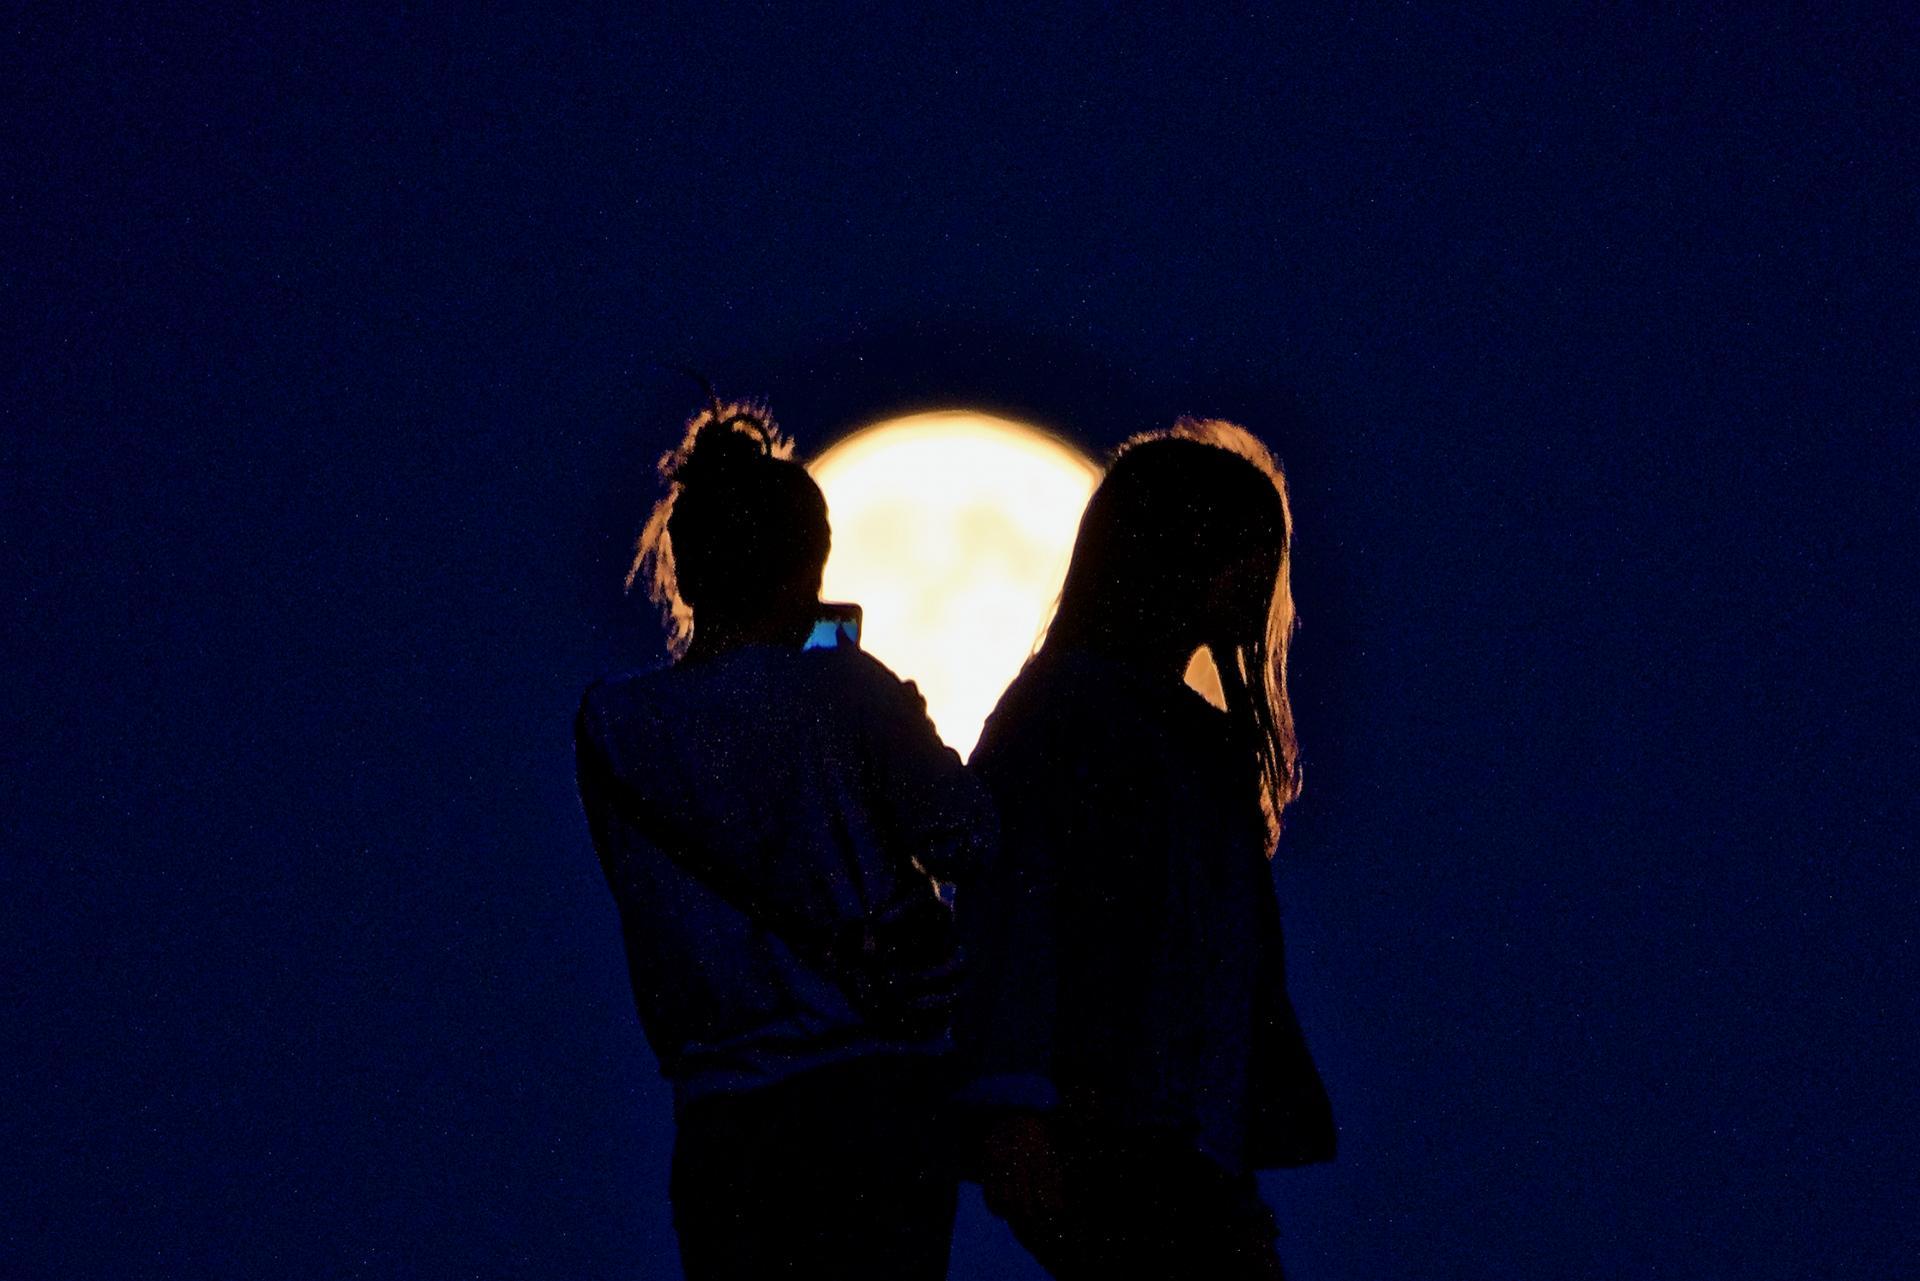 Des filles dans la Lune